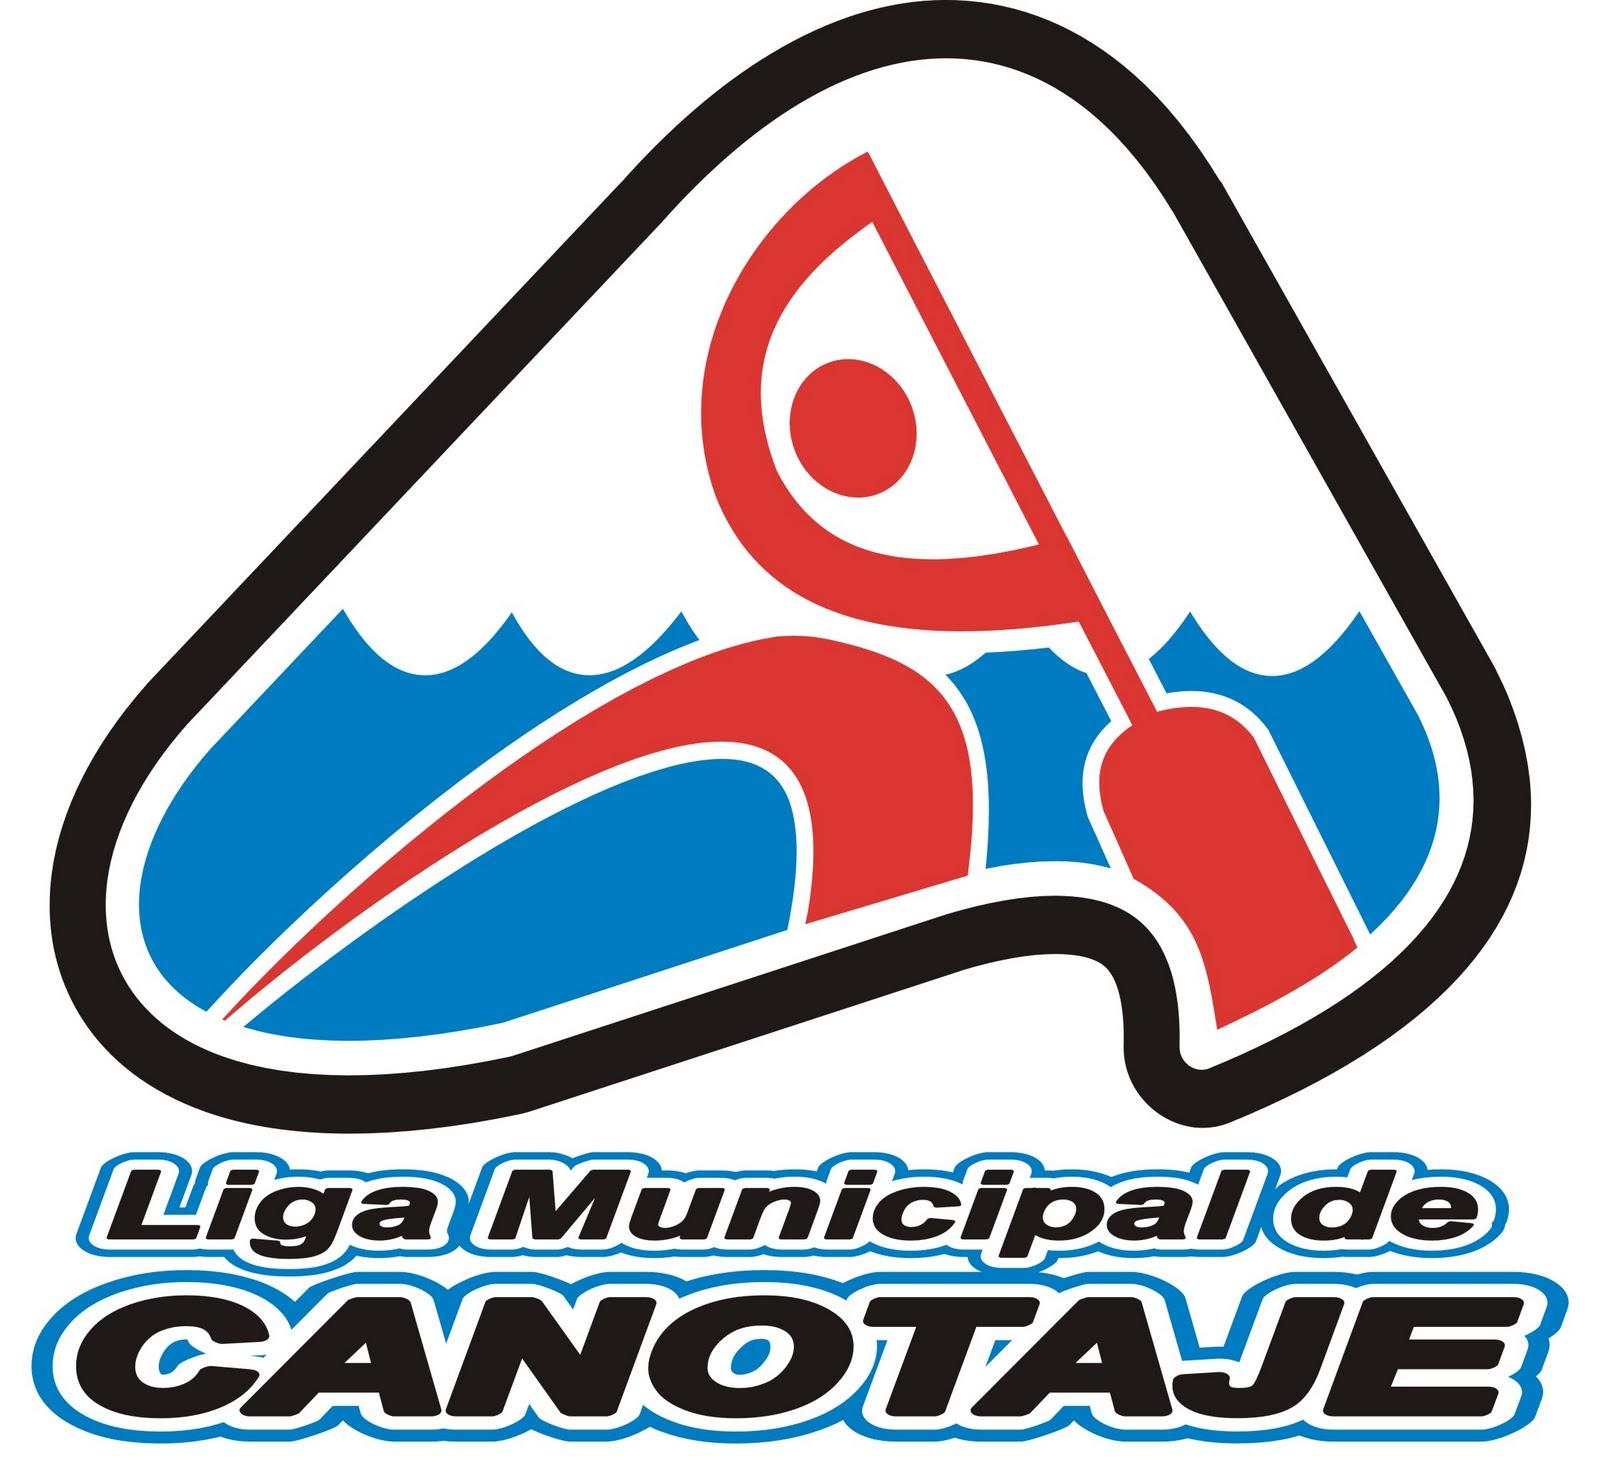 Canotaje chihuahua facebook de la liga municipal de for Liga municipal marca